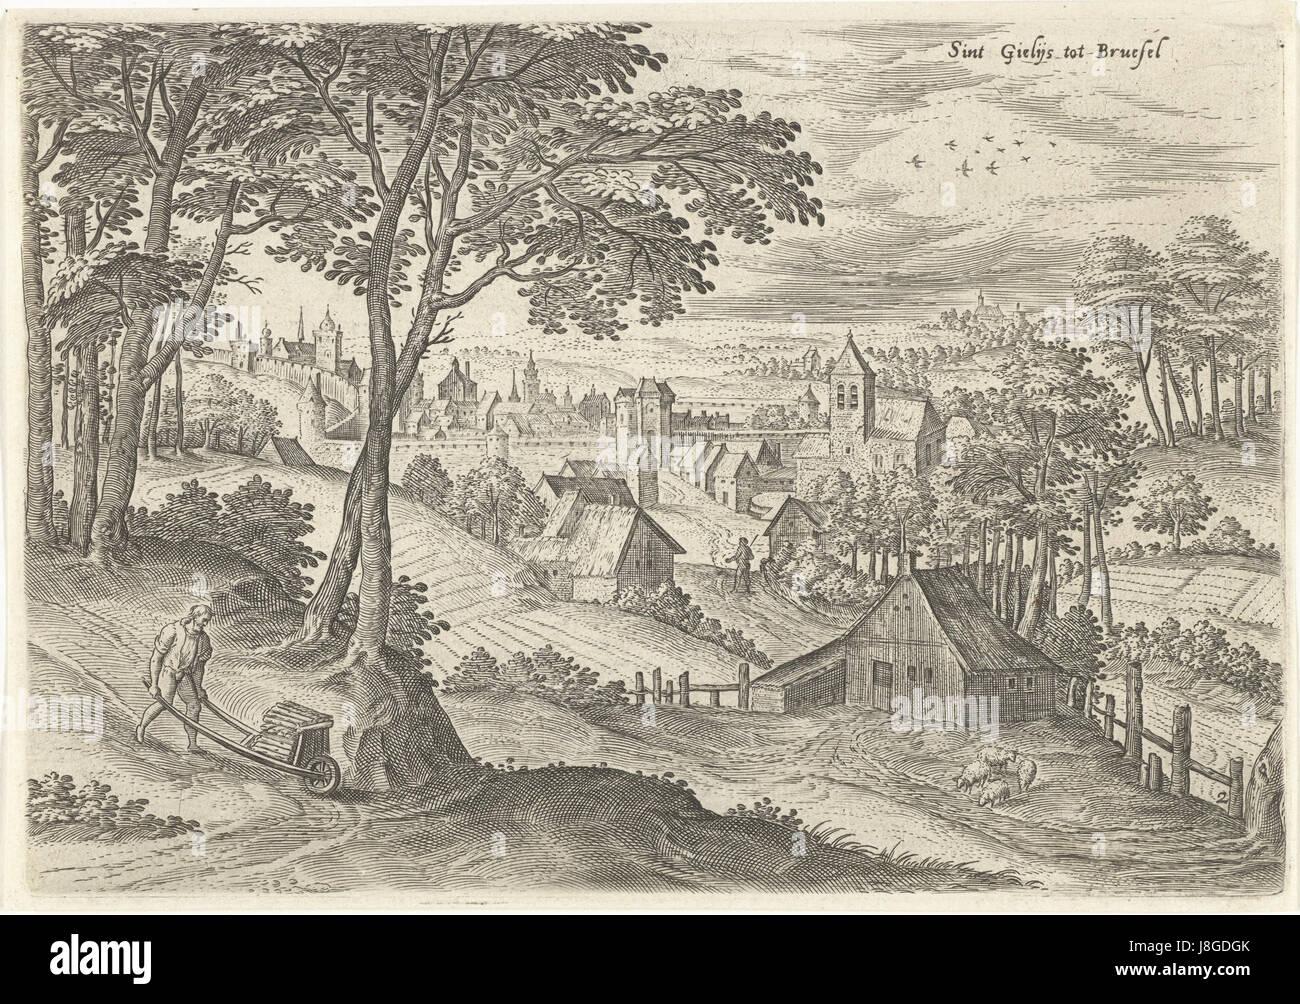 Gezicht op Sint Gillis, Hans Collaert (I), naar Hans Bol, Jacob Grimmer, 1530   1580 - Stock Image